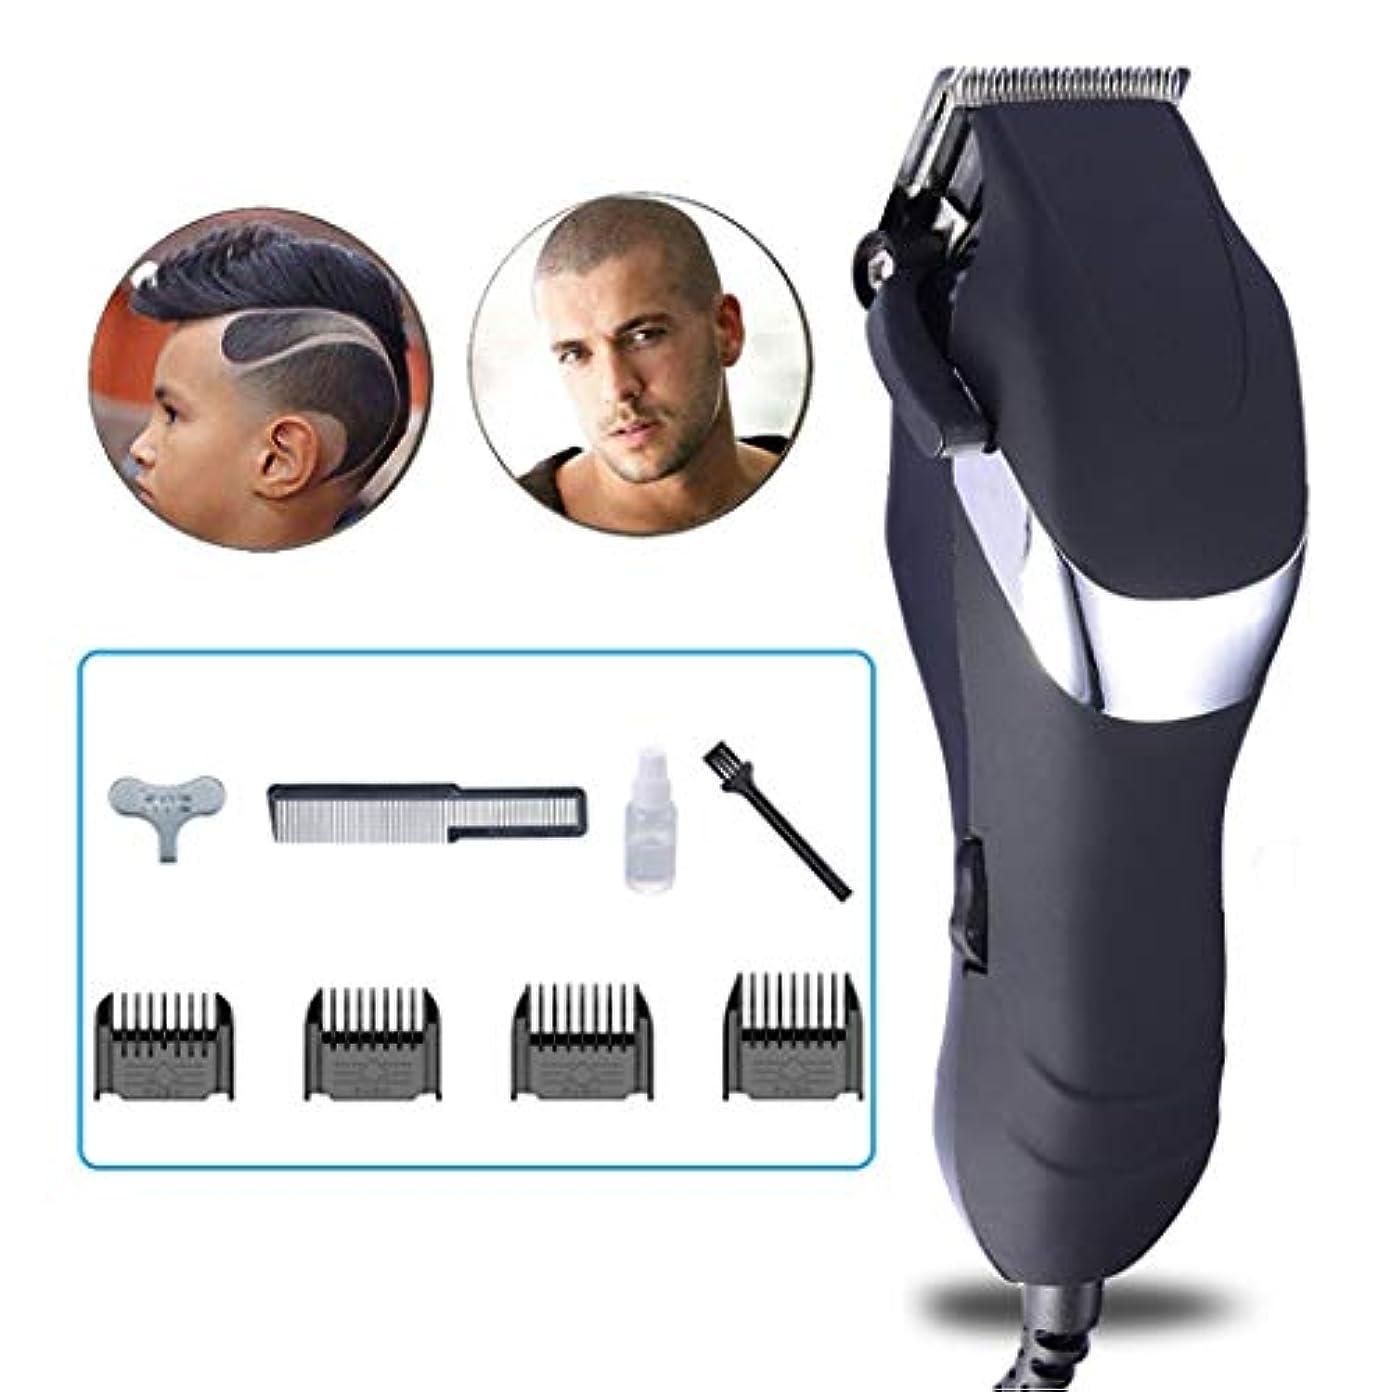 わかりやすい流産ブリーク男性ひげのバリカン、毎日のヘアカット家庭用髪のコードレス充電式トリマーバリカン